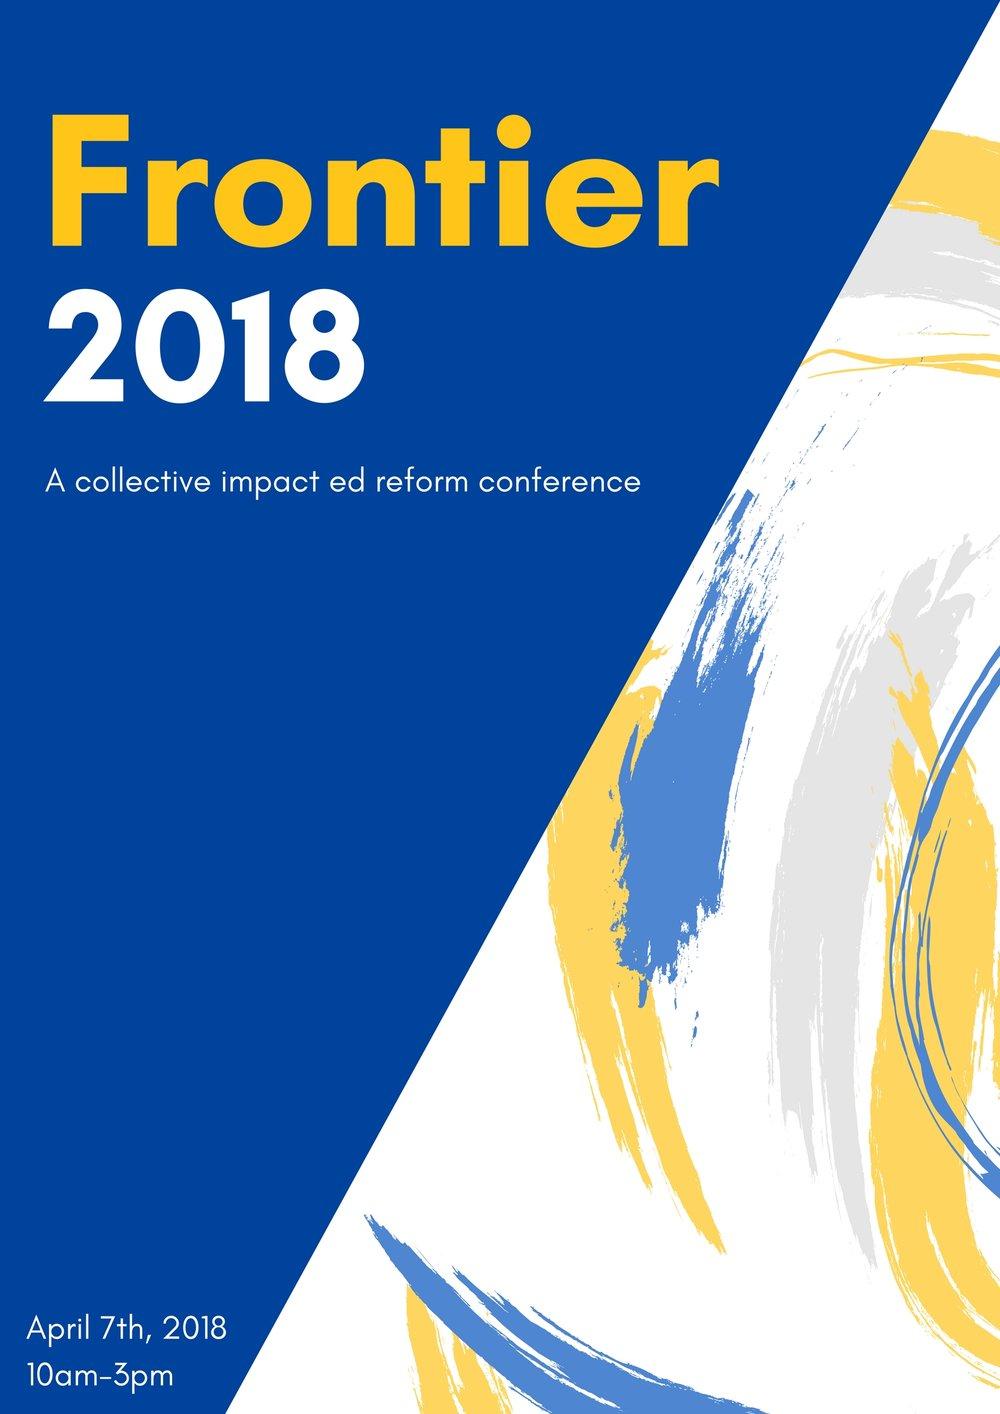 Frontier (12) (2).jpg